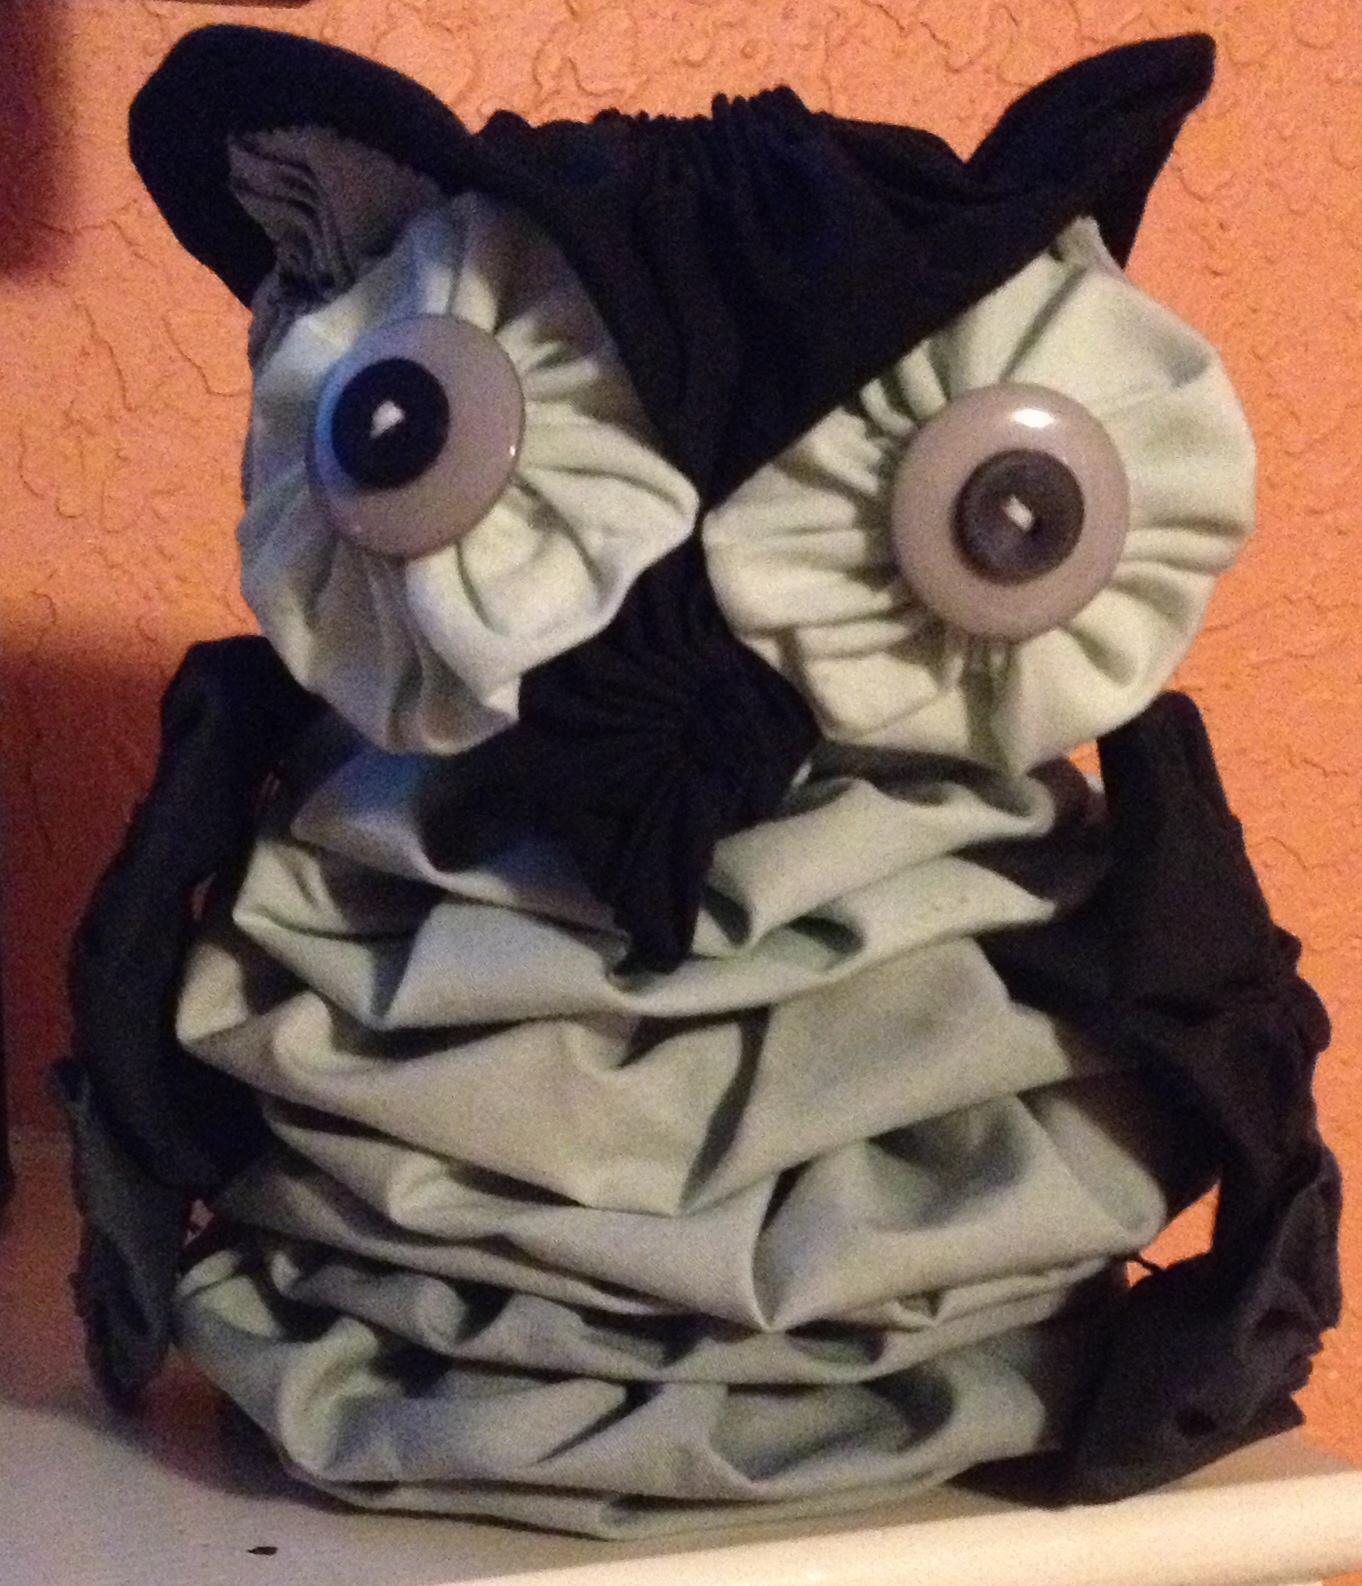 Thelma's owl